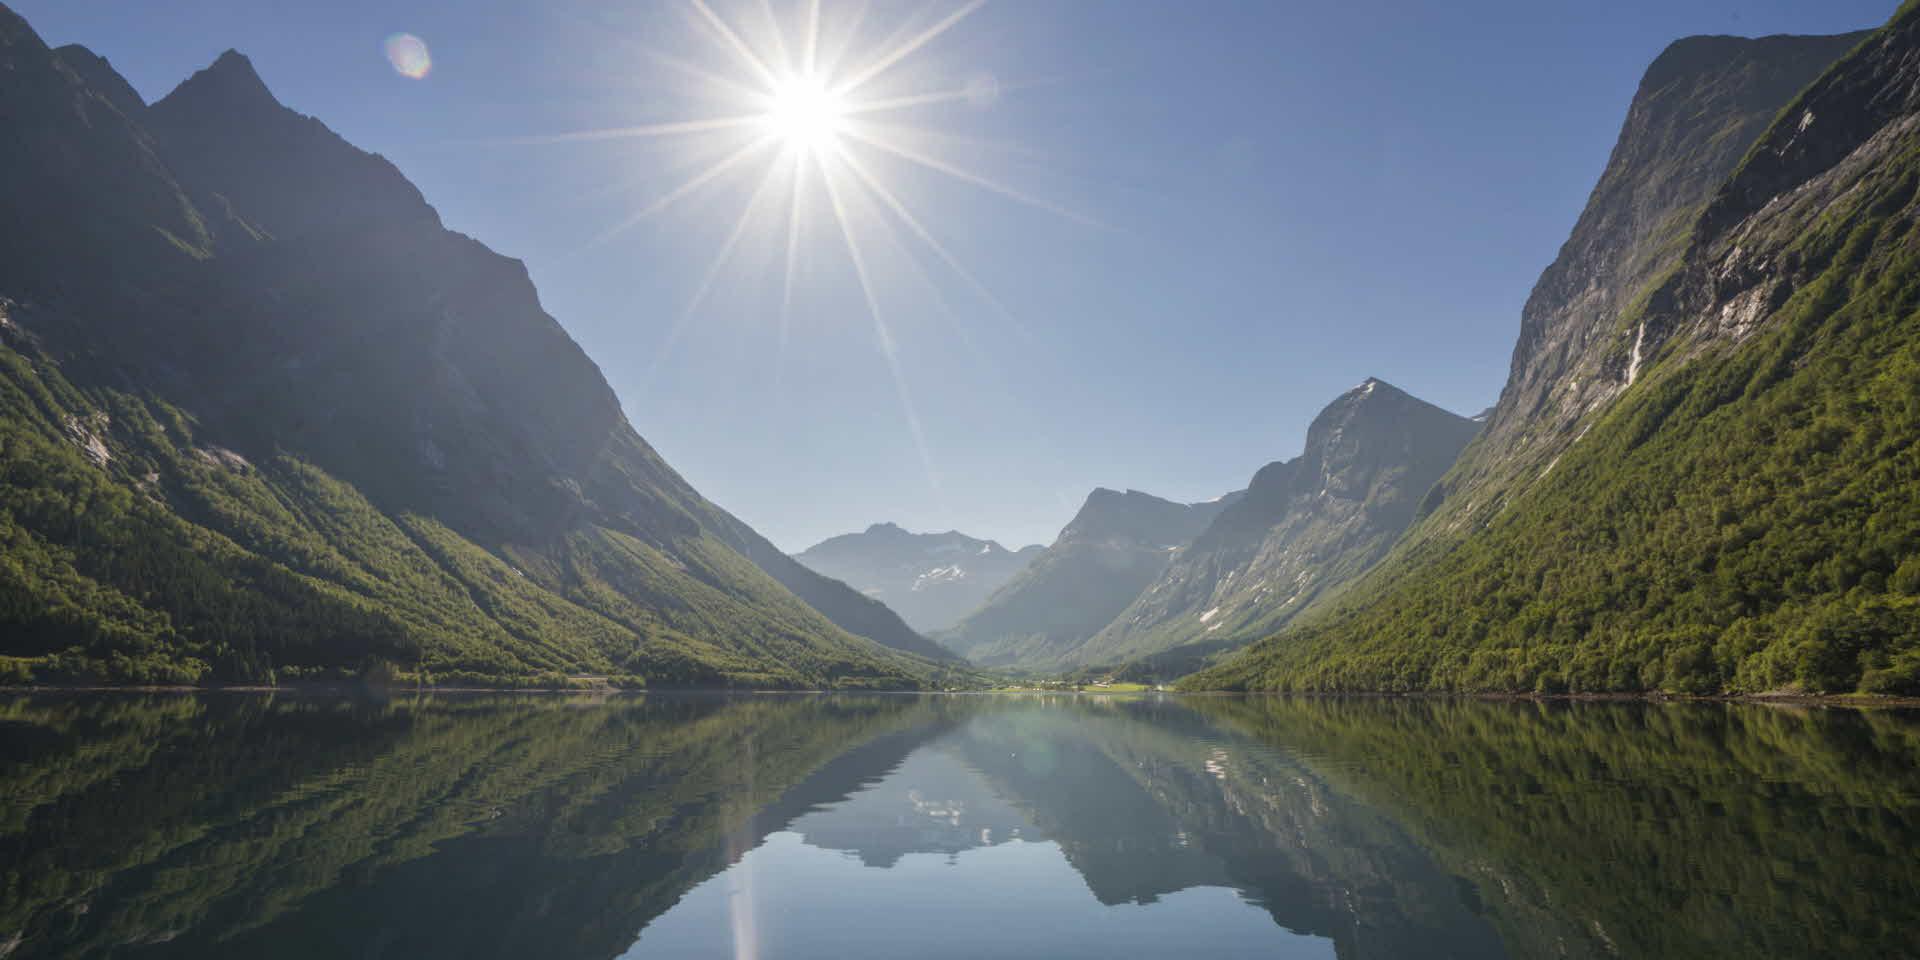 日の光がまぶしい夏の日、なだらかなヨルンフィヨルド (Hjorndfjord)を航海するときの息をのむような静けさ